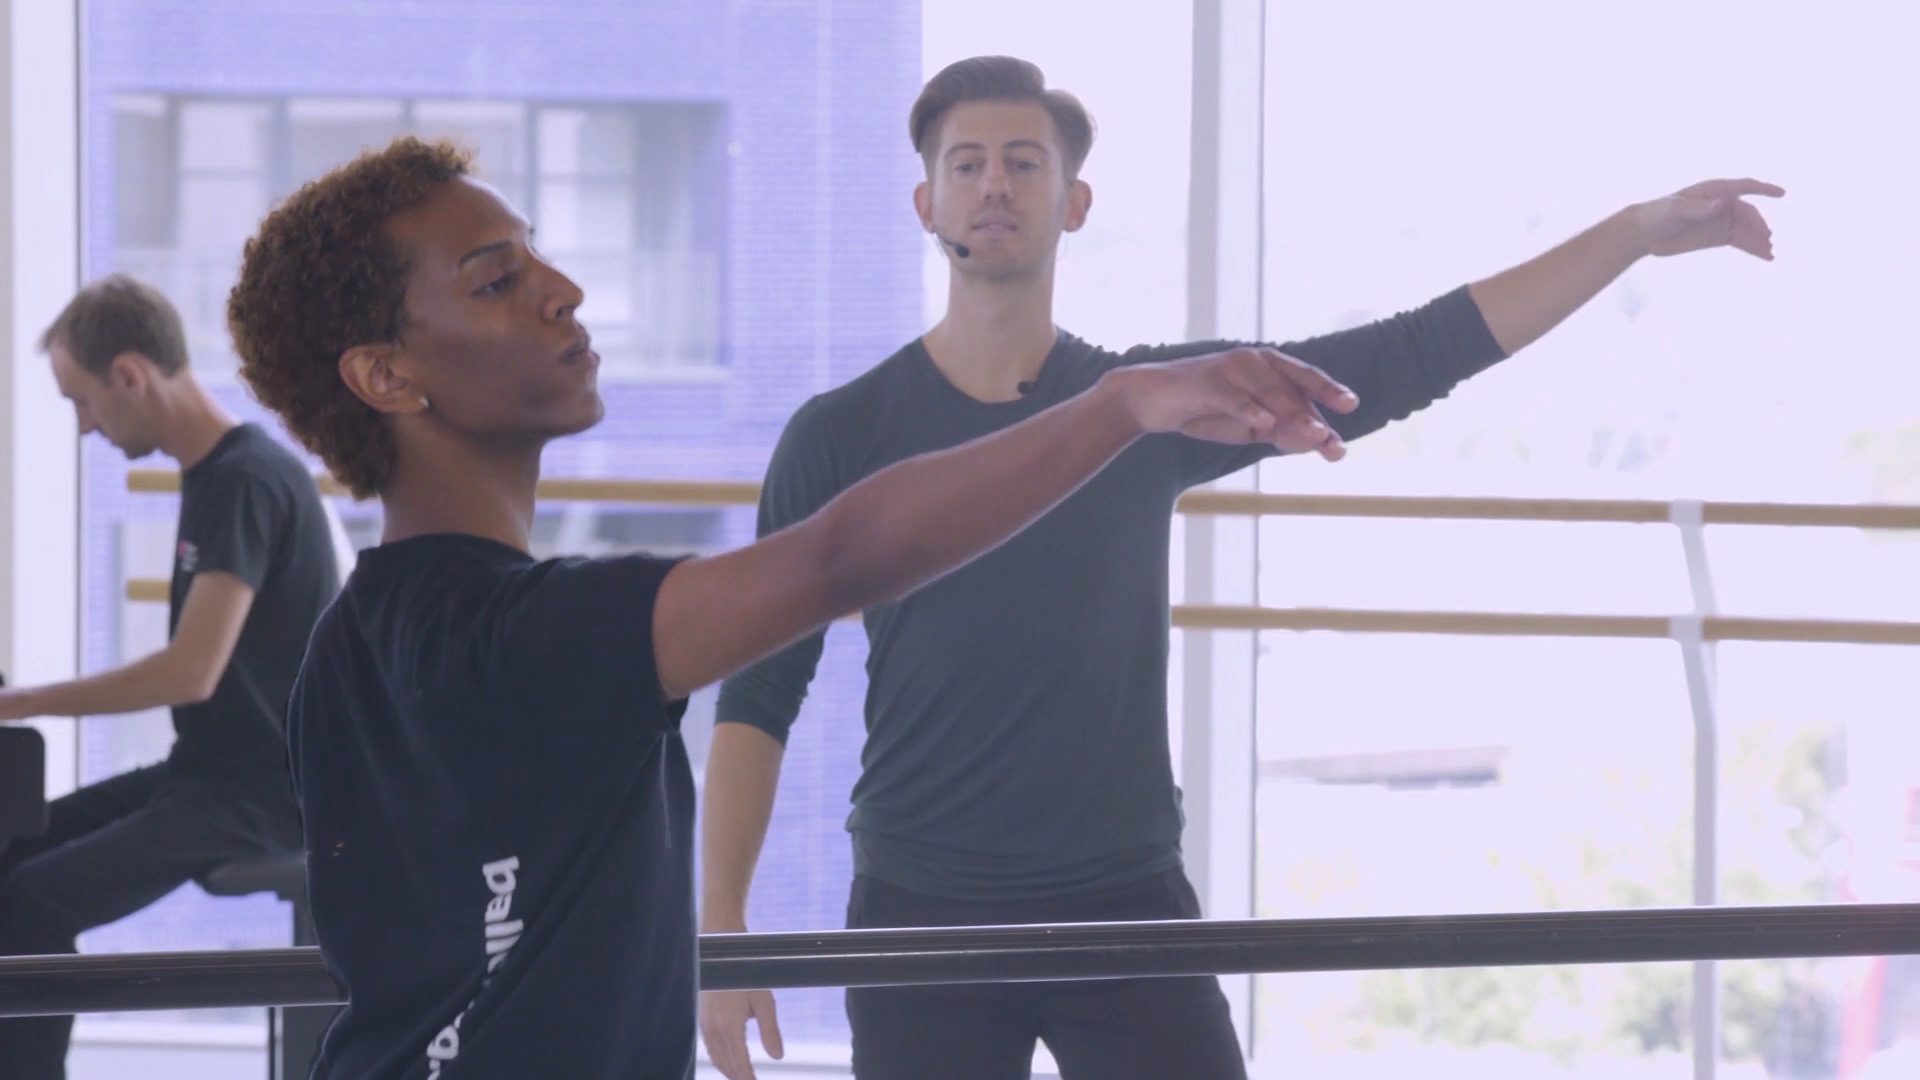 Three people practising ballet